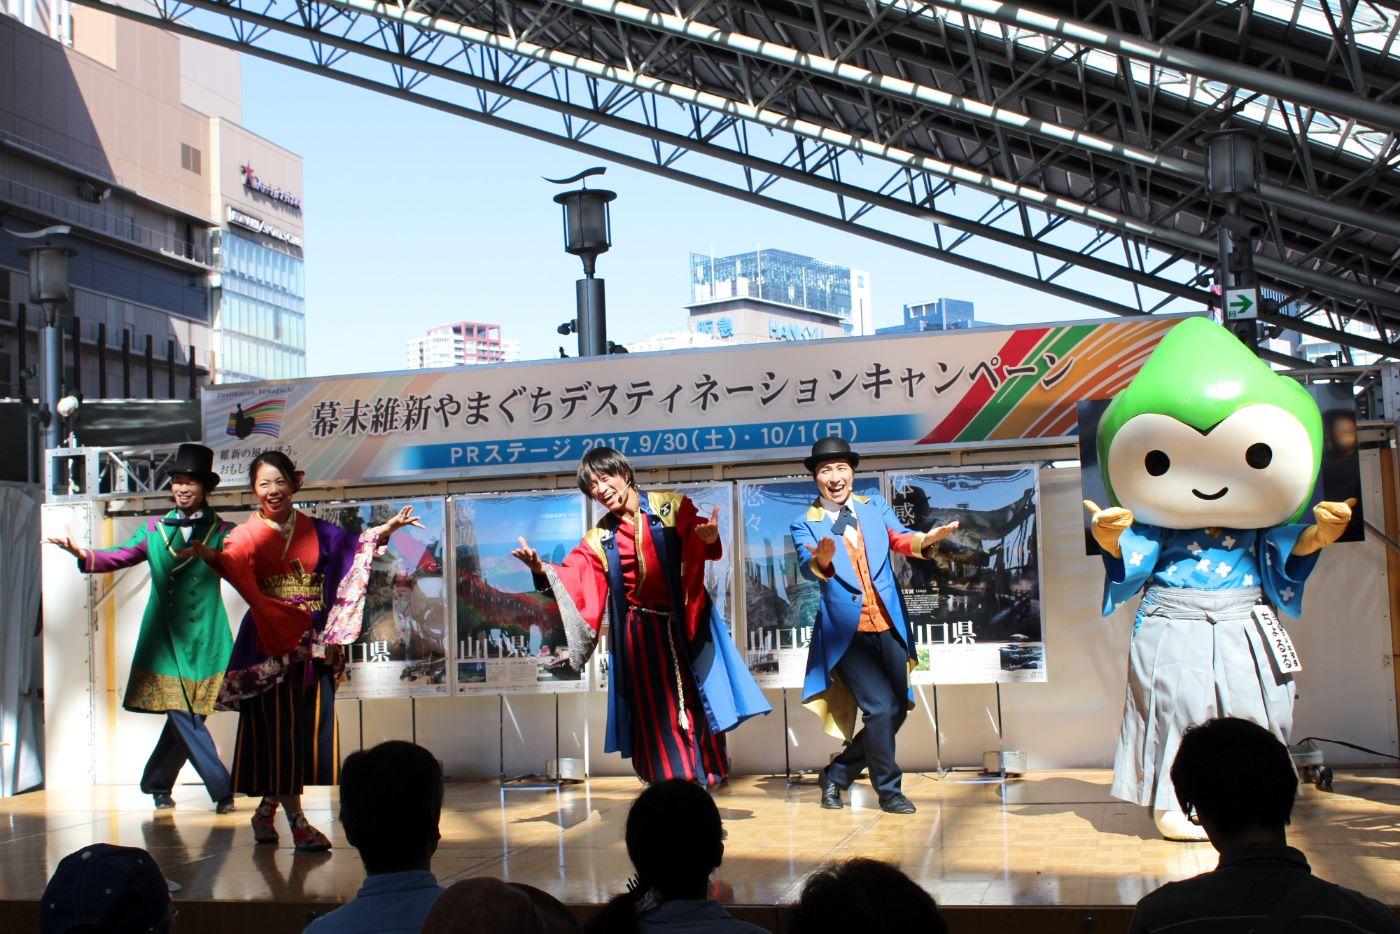 大阪で「幕末維新やまぐちデスティネーションキャンペーン」のPRをしてきたよ☆彡